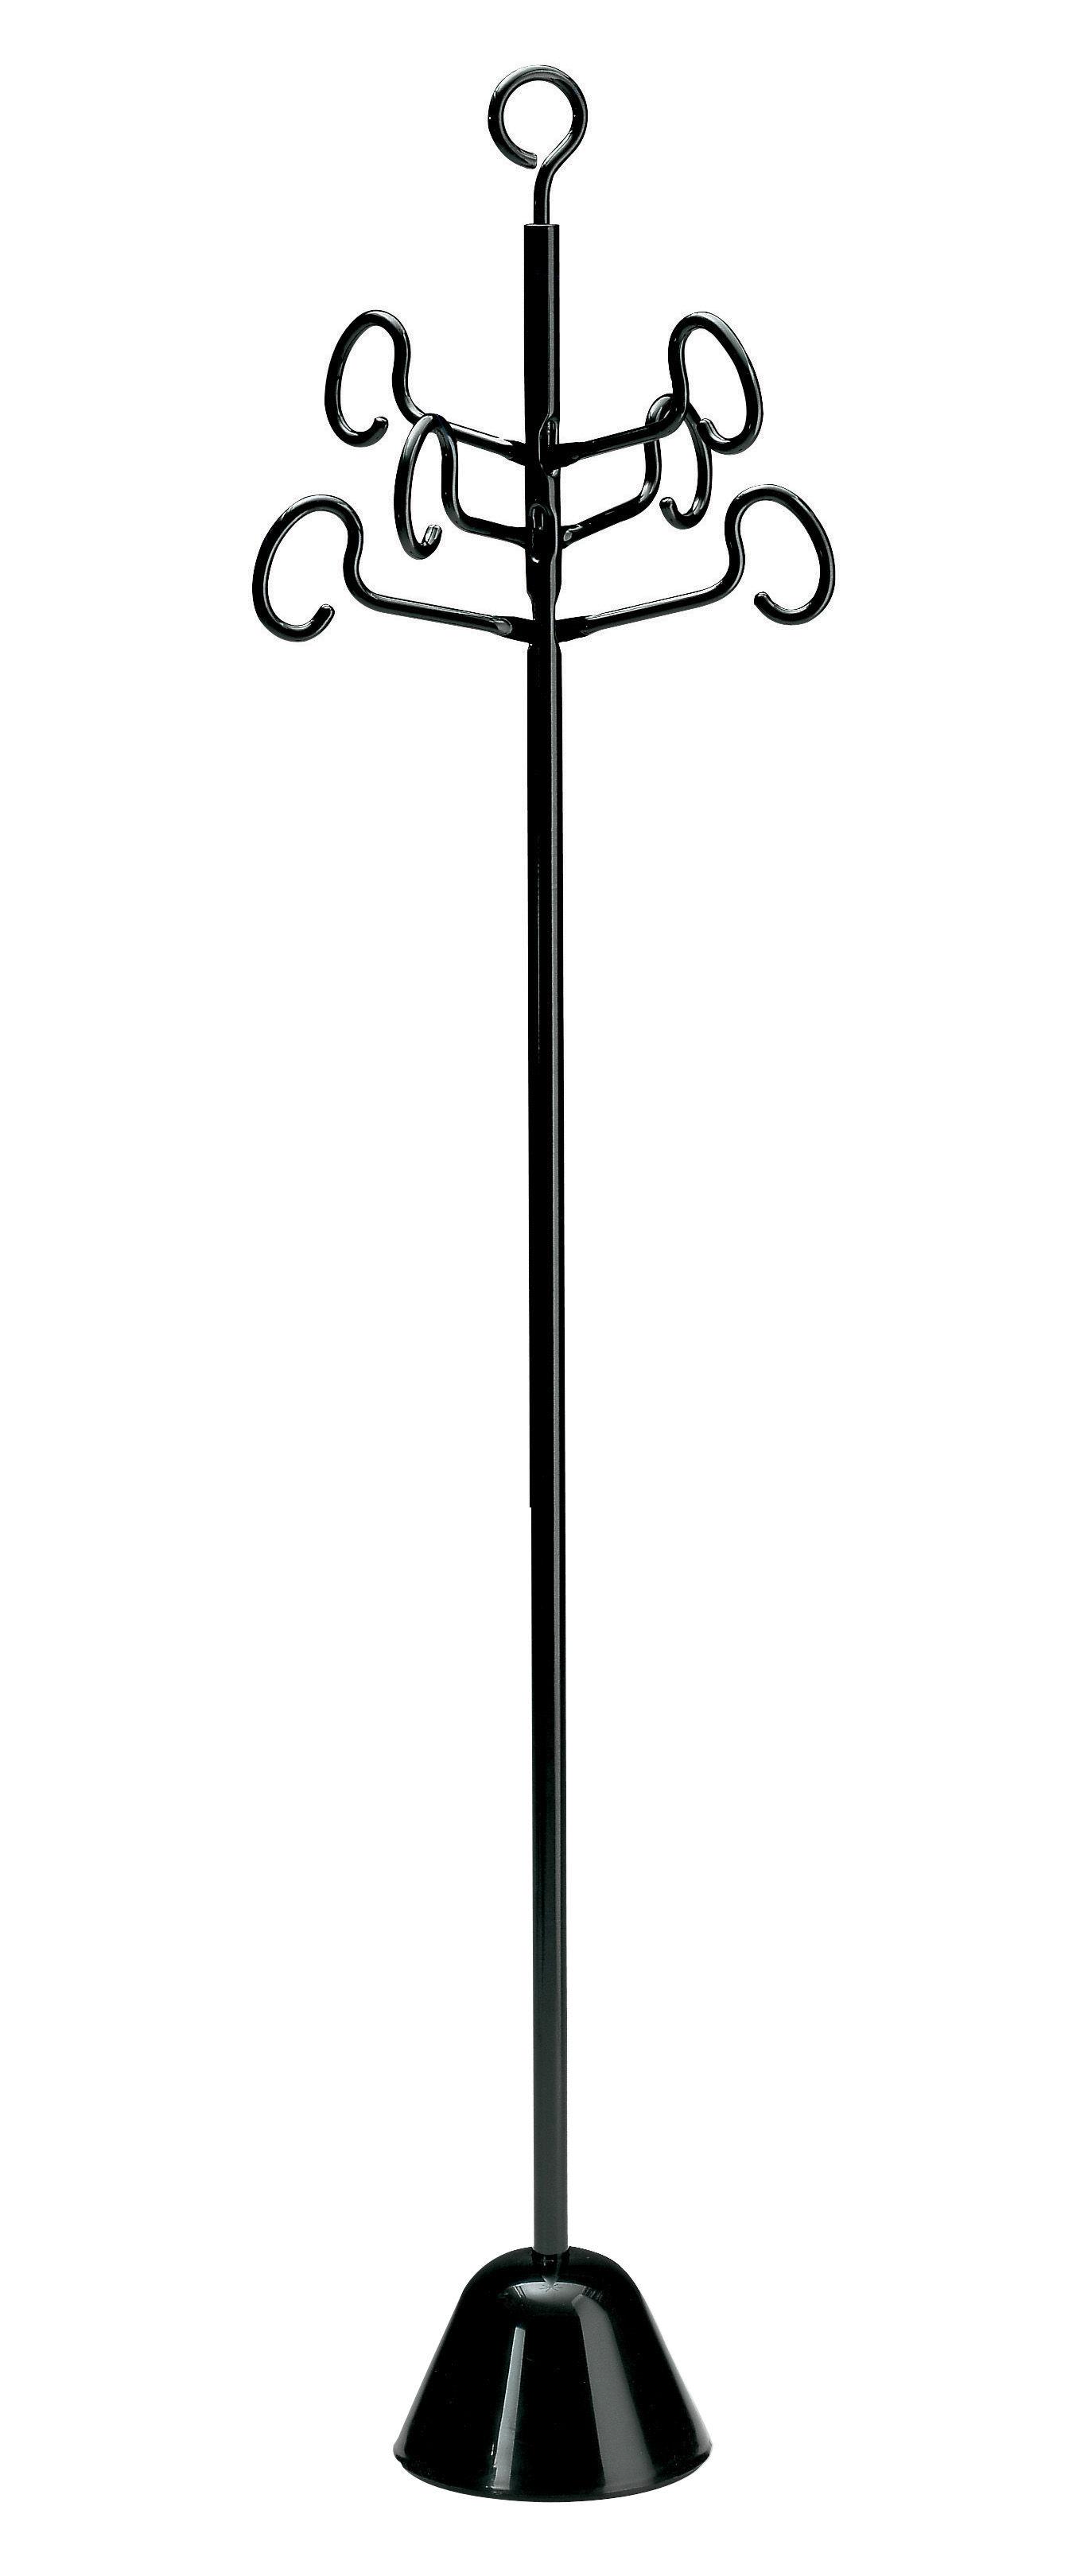 Möbel - Möbel für Teens - Servomanto Garderobe - Zanotta - Schwarz - gefirnister Stahl